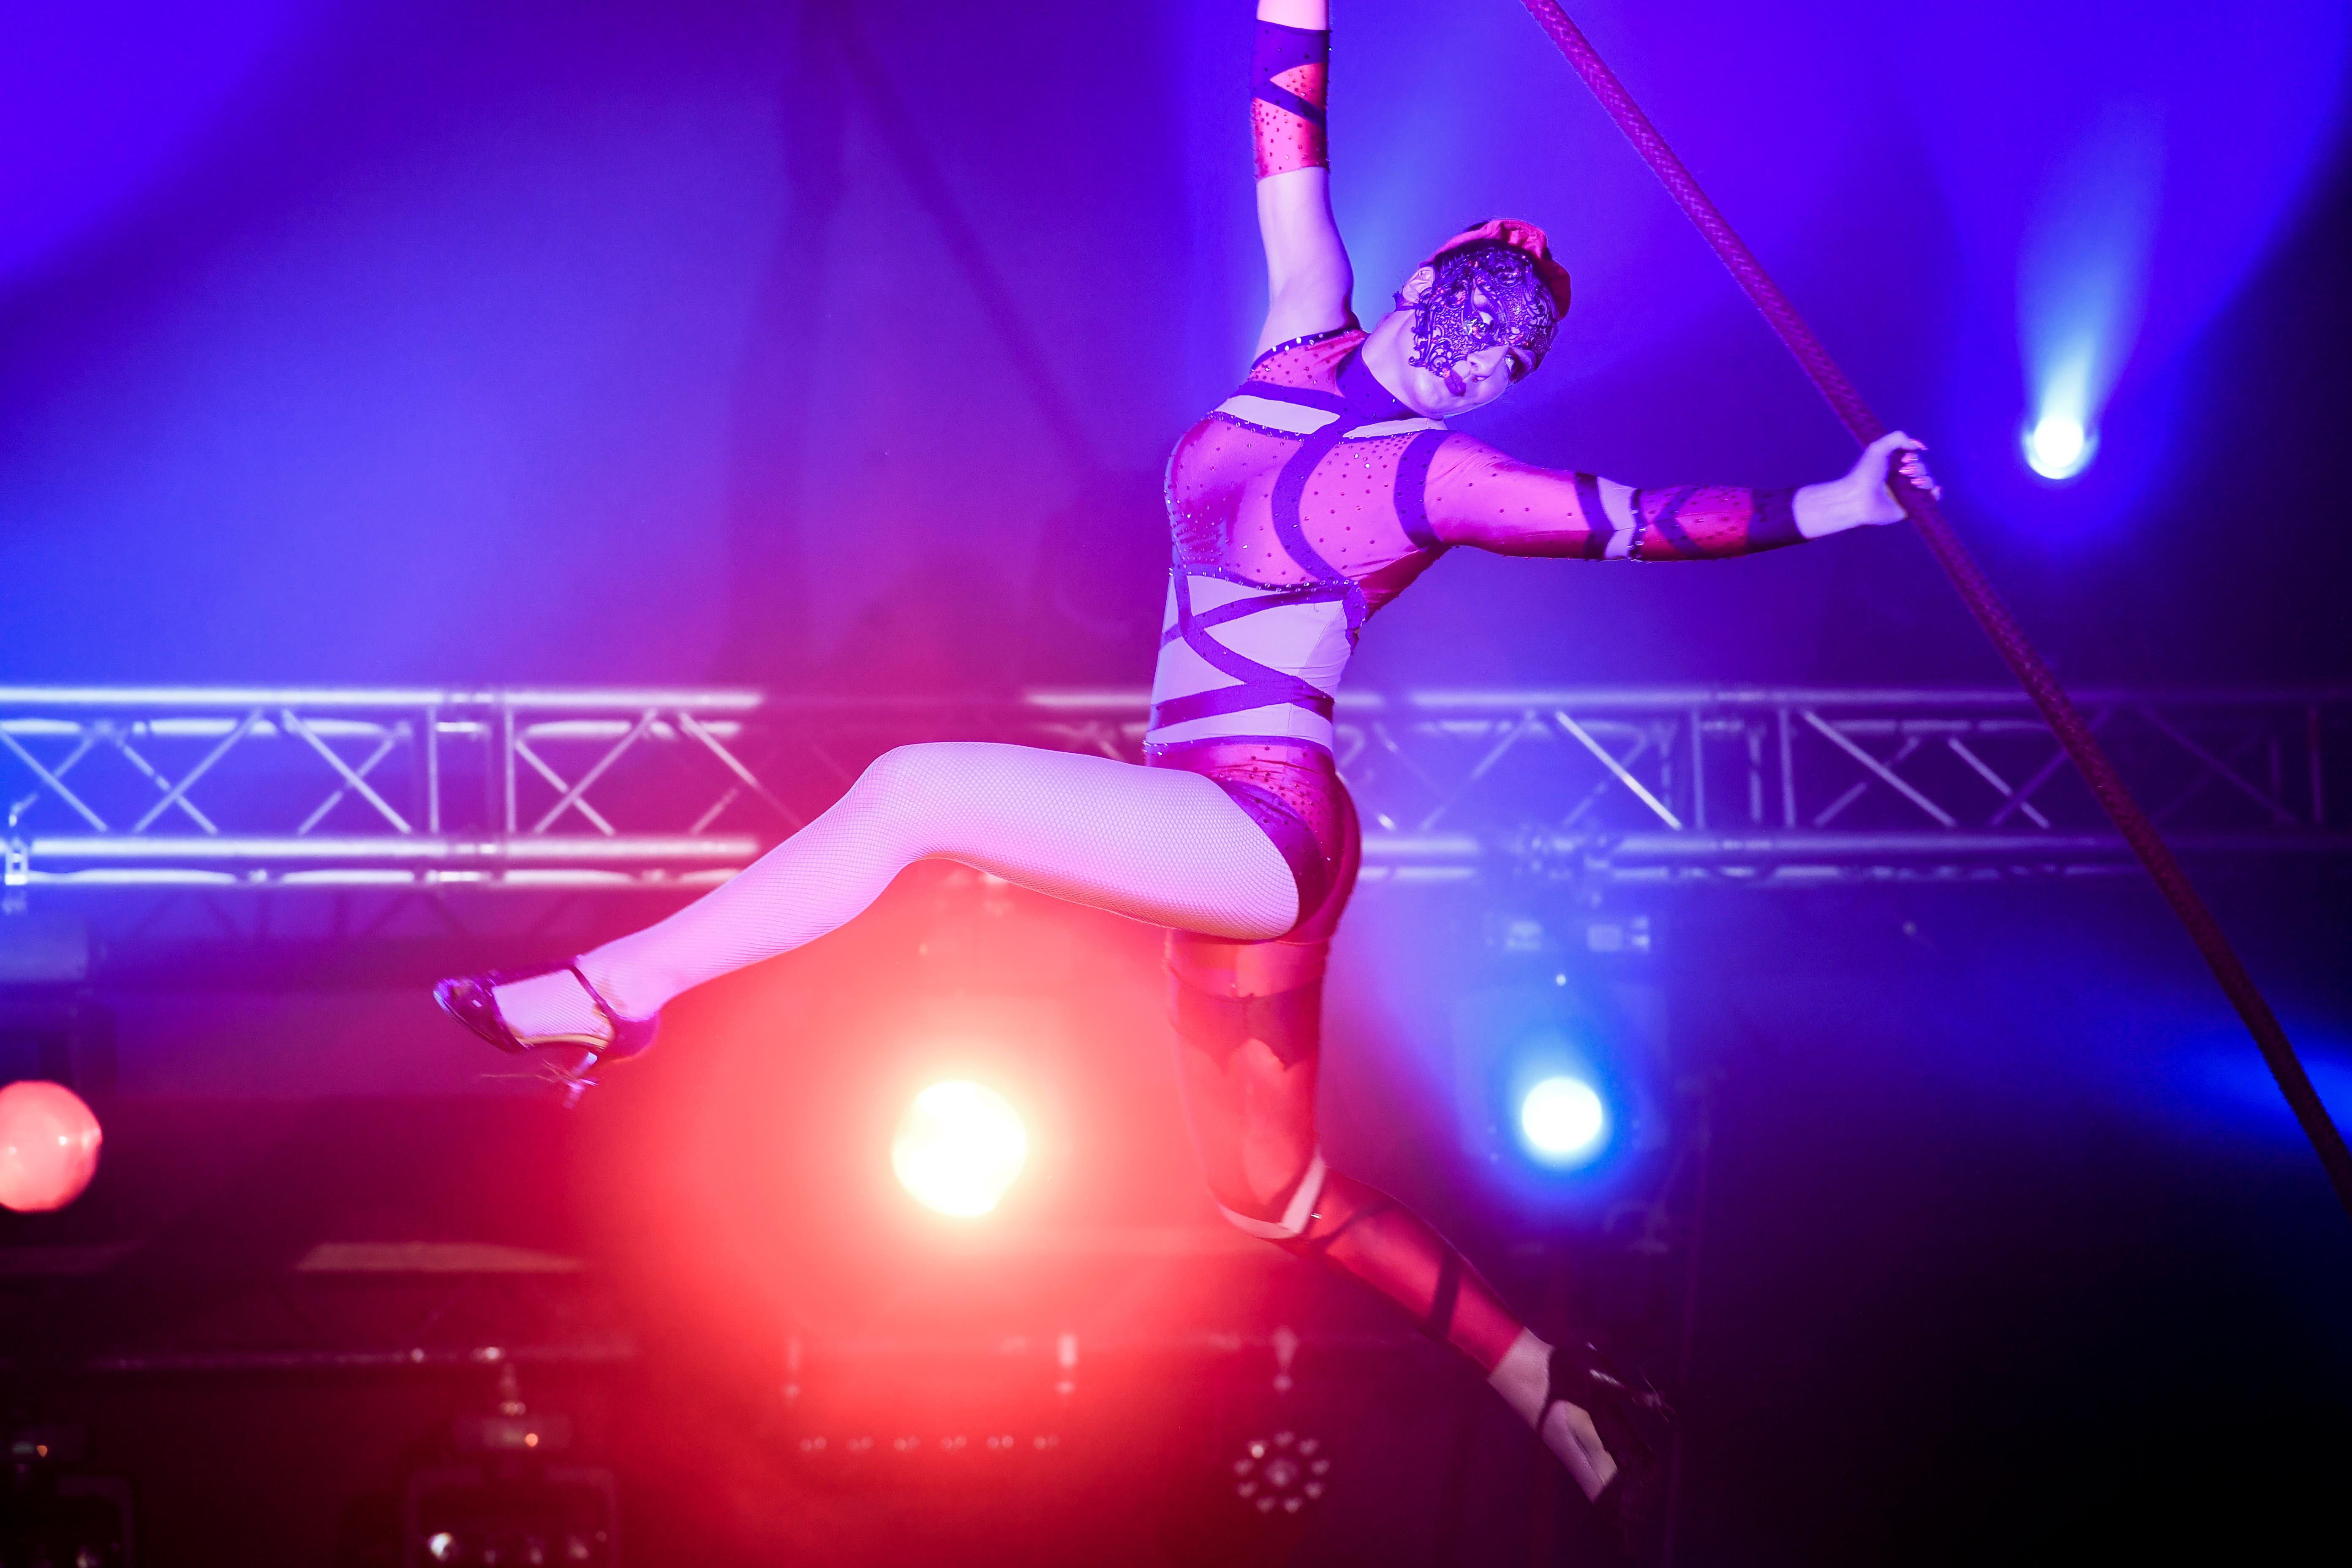 Hoch oben unter dem Zirkuszelt zeigt die Akrobatin ihr Können.